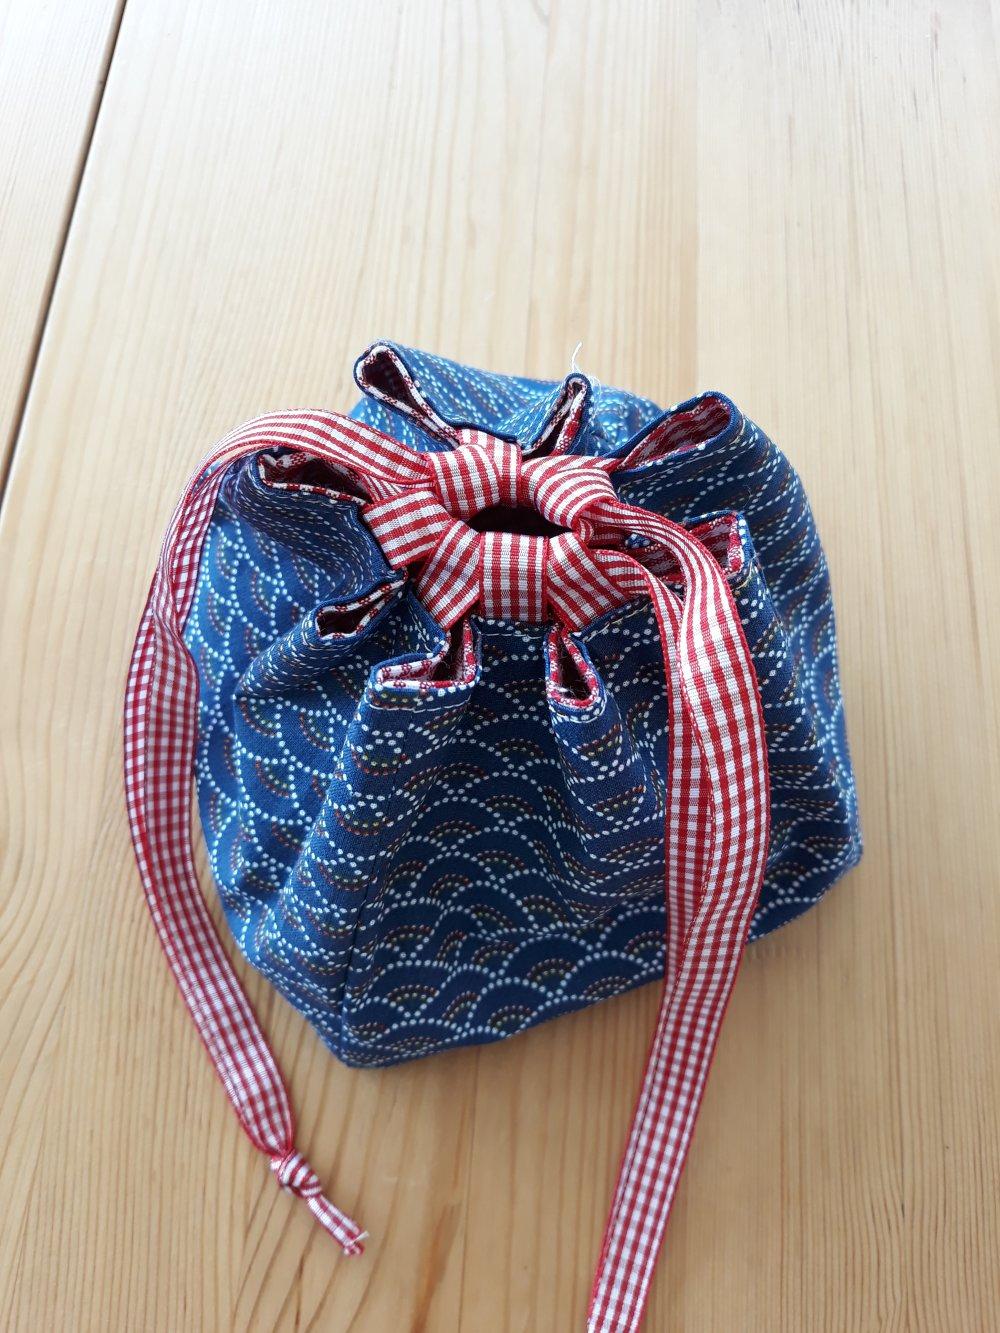 Pochon, petit sac de rangement, inspiration japonaise